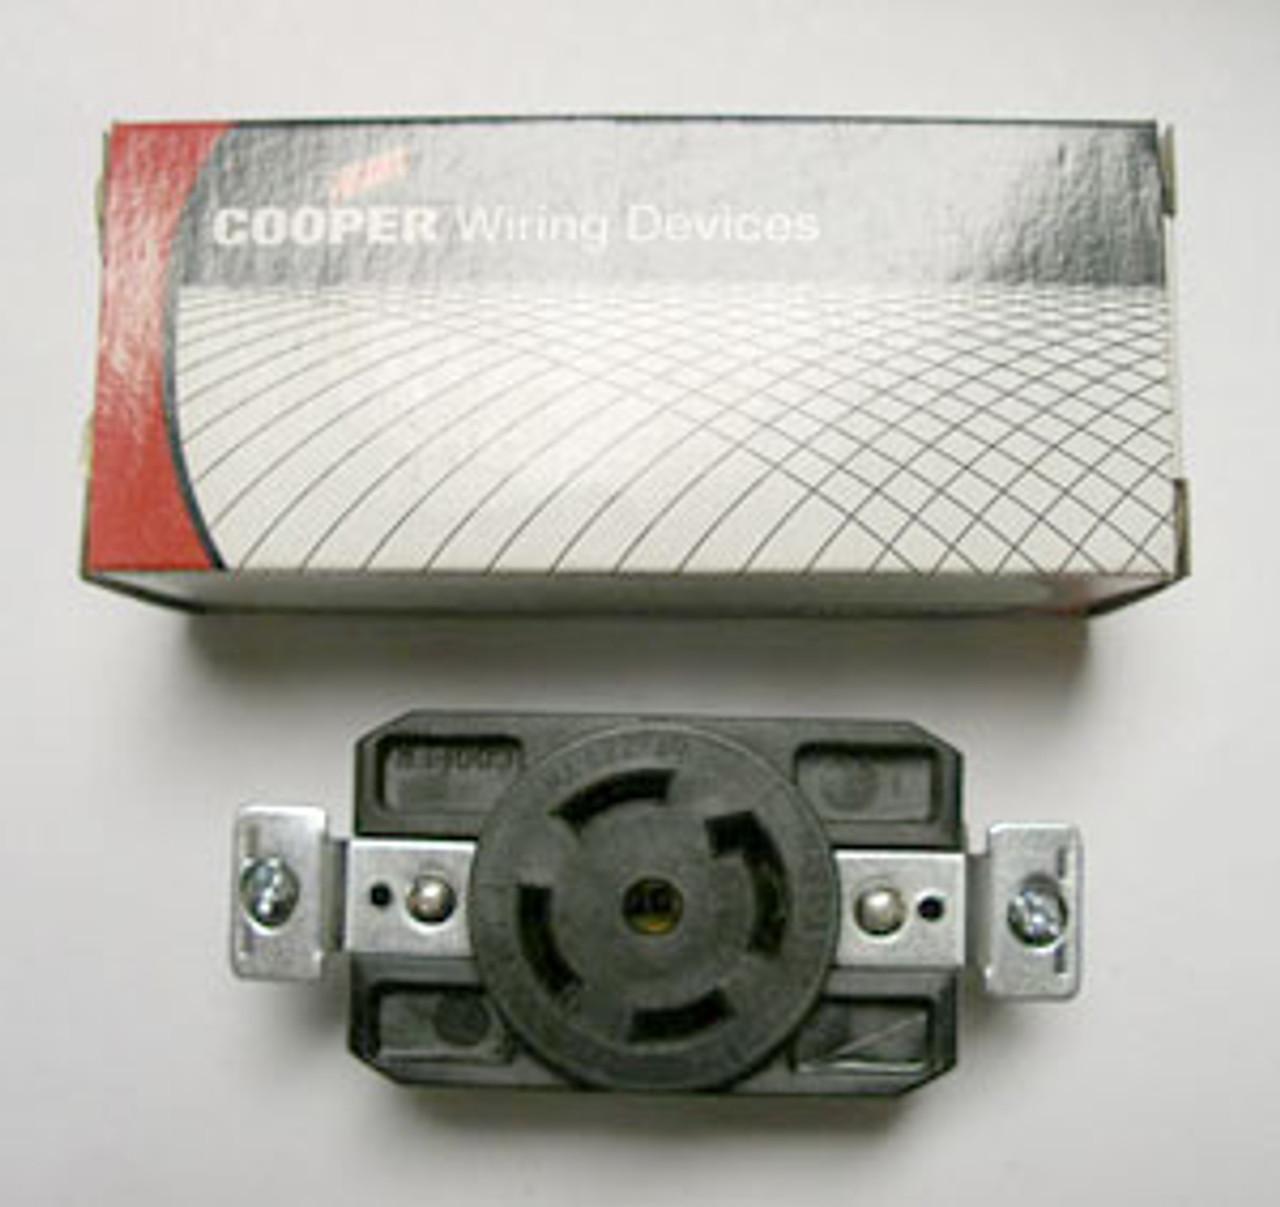 Cooper CWL2230R 30A 277/480V Receptacle - New